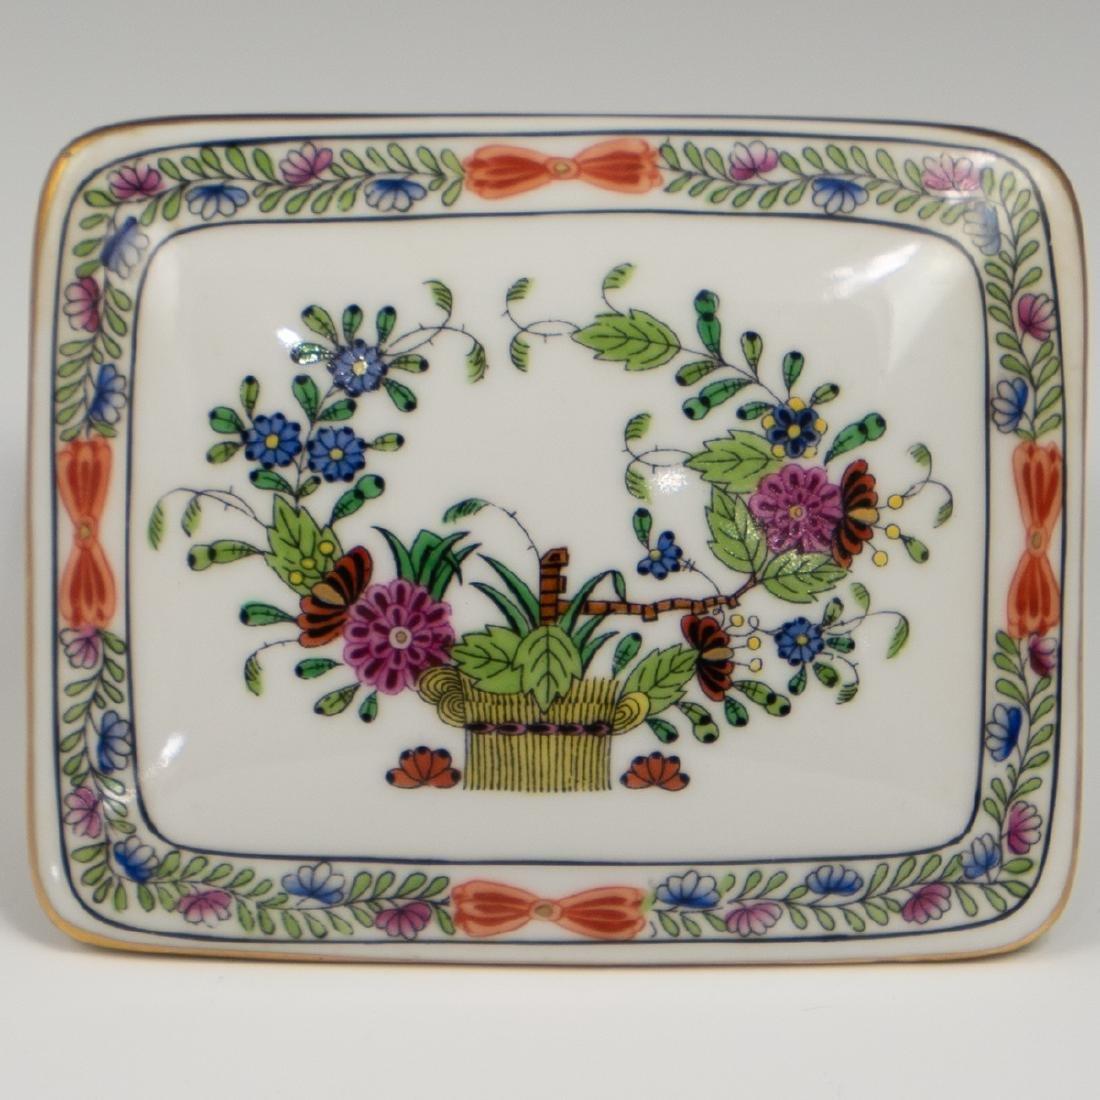 Herend Porcelain Trinket Box - 2